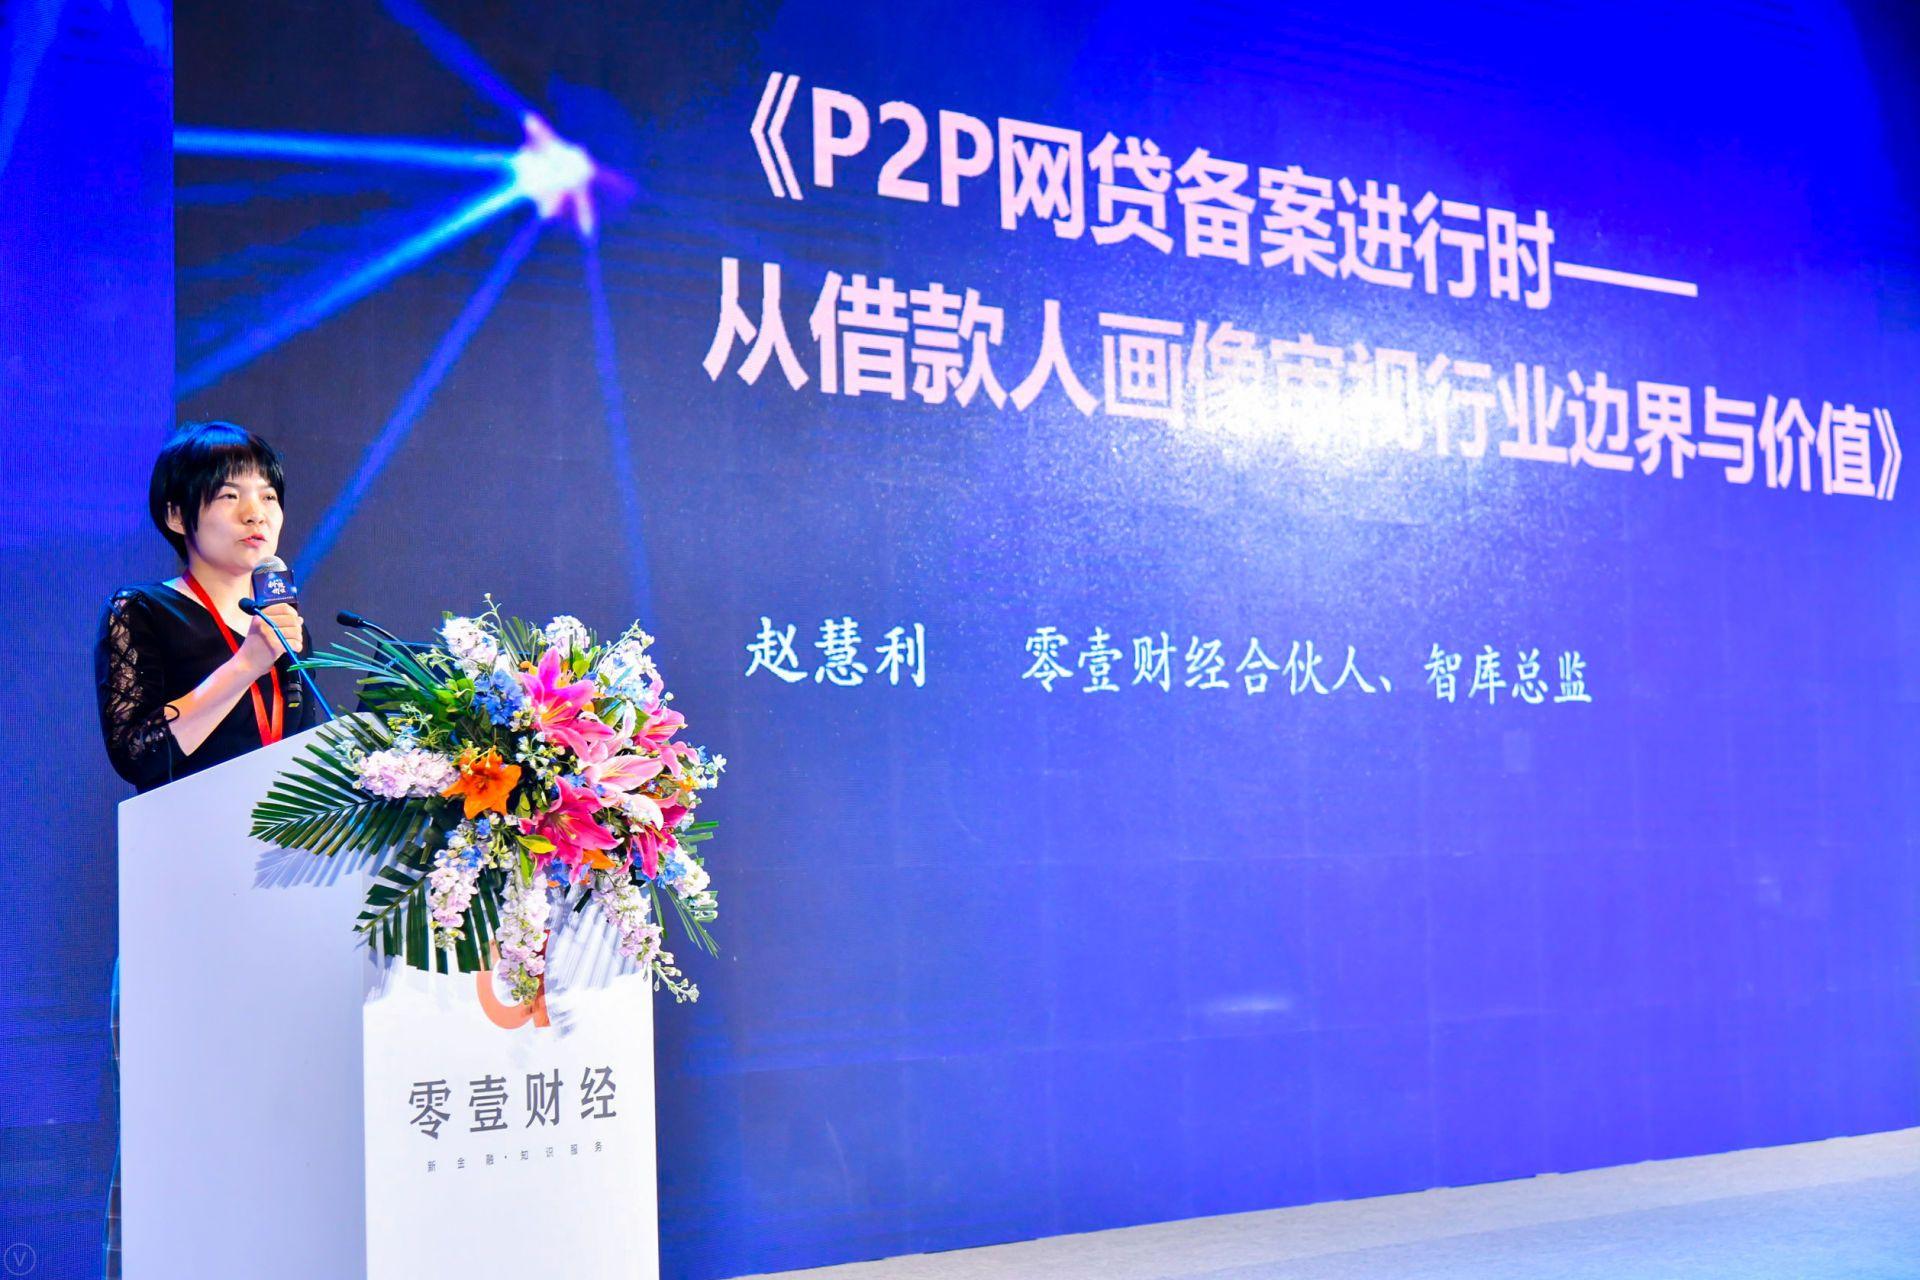 零壹财经合伙人赵慧利发布借款人画像报告 审视P2P行业价值